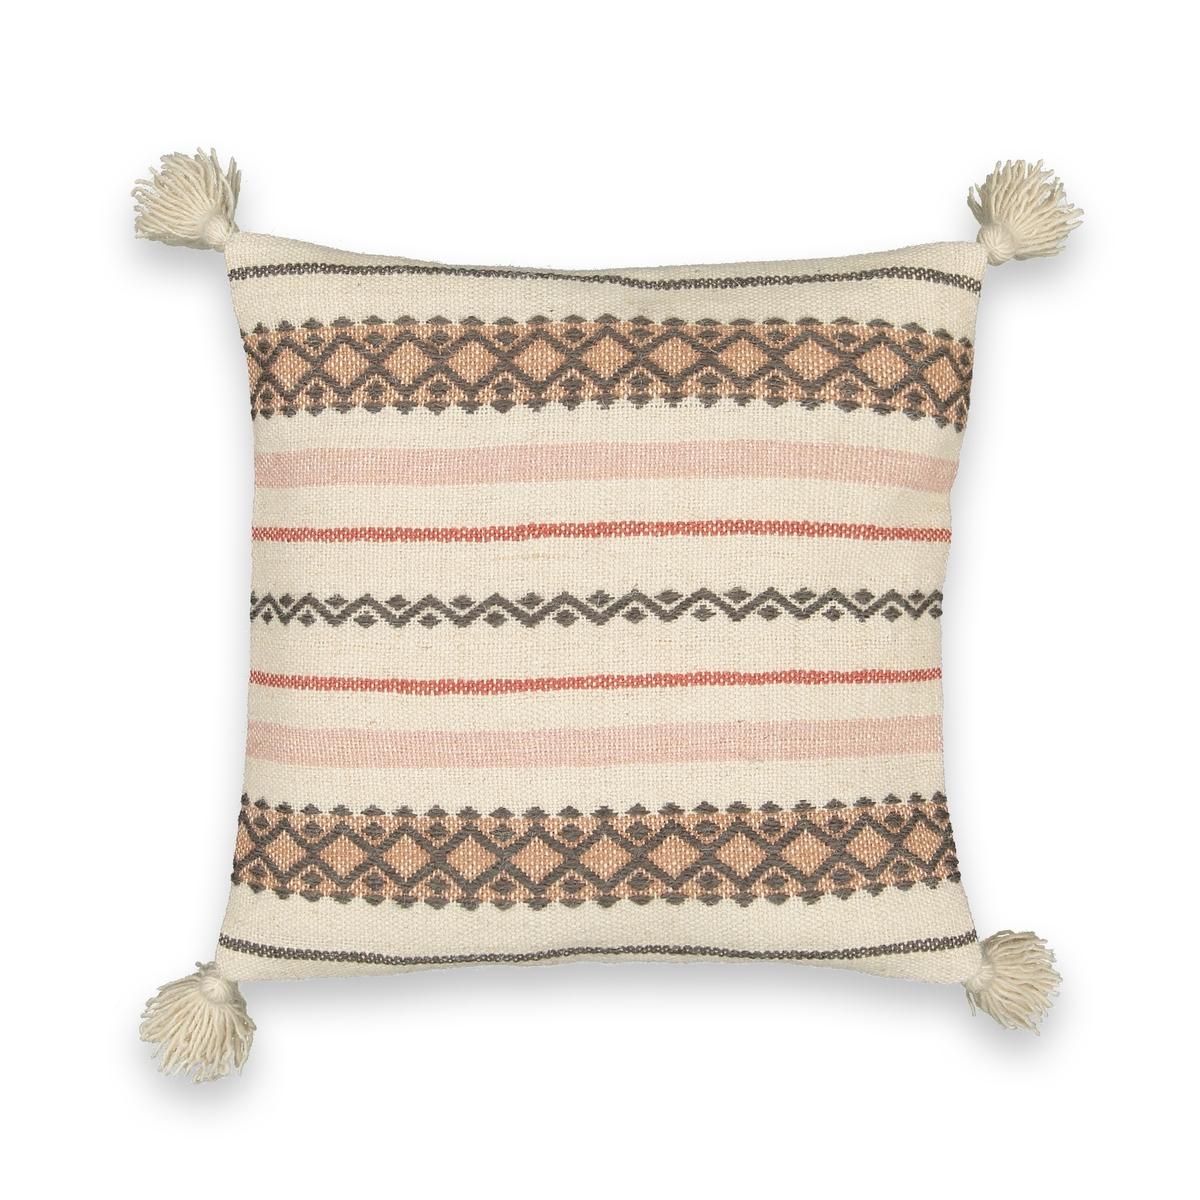 Чехол La Redoute На подушку-валик в берберском стиле Mirmillon 45 x 45 см бежевый ковер la redoute в берберском стиле из шерсти tekouma 120 x 180 см бежевый